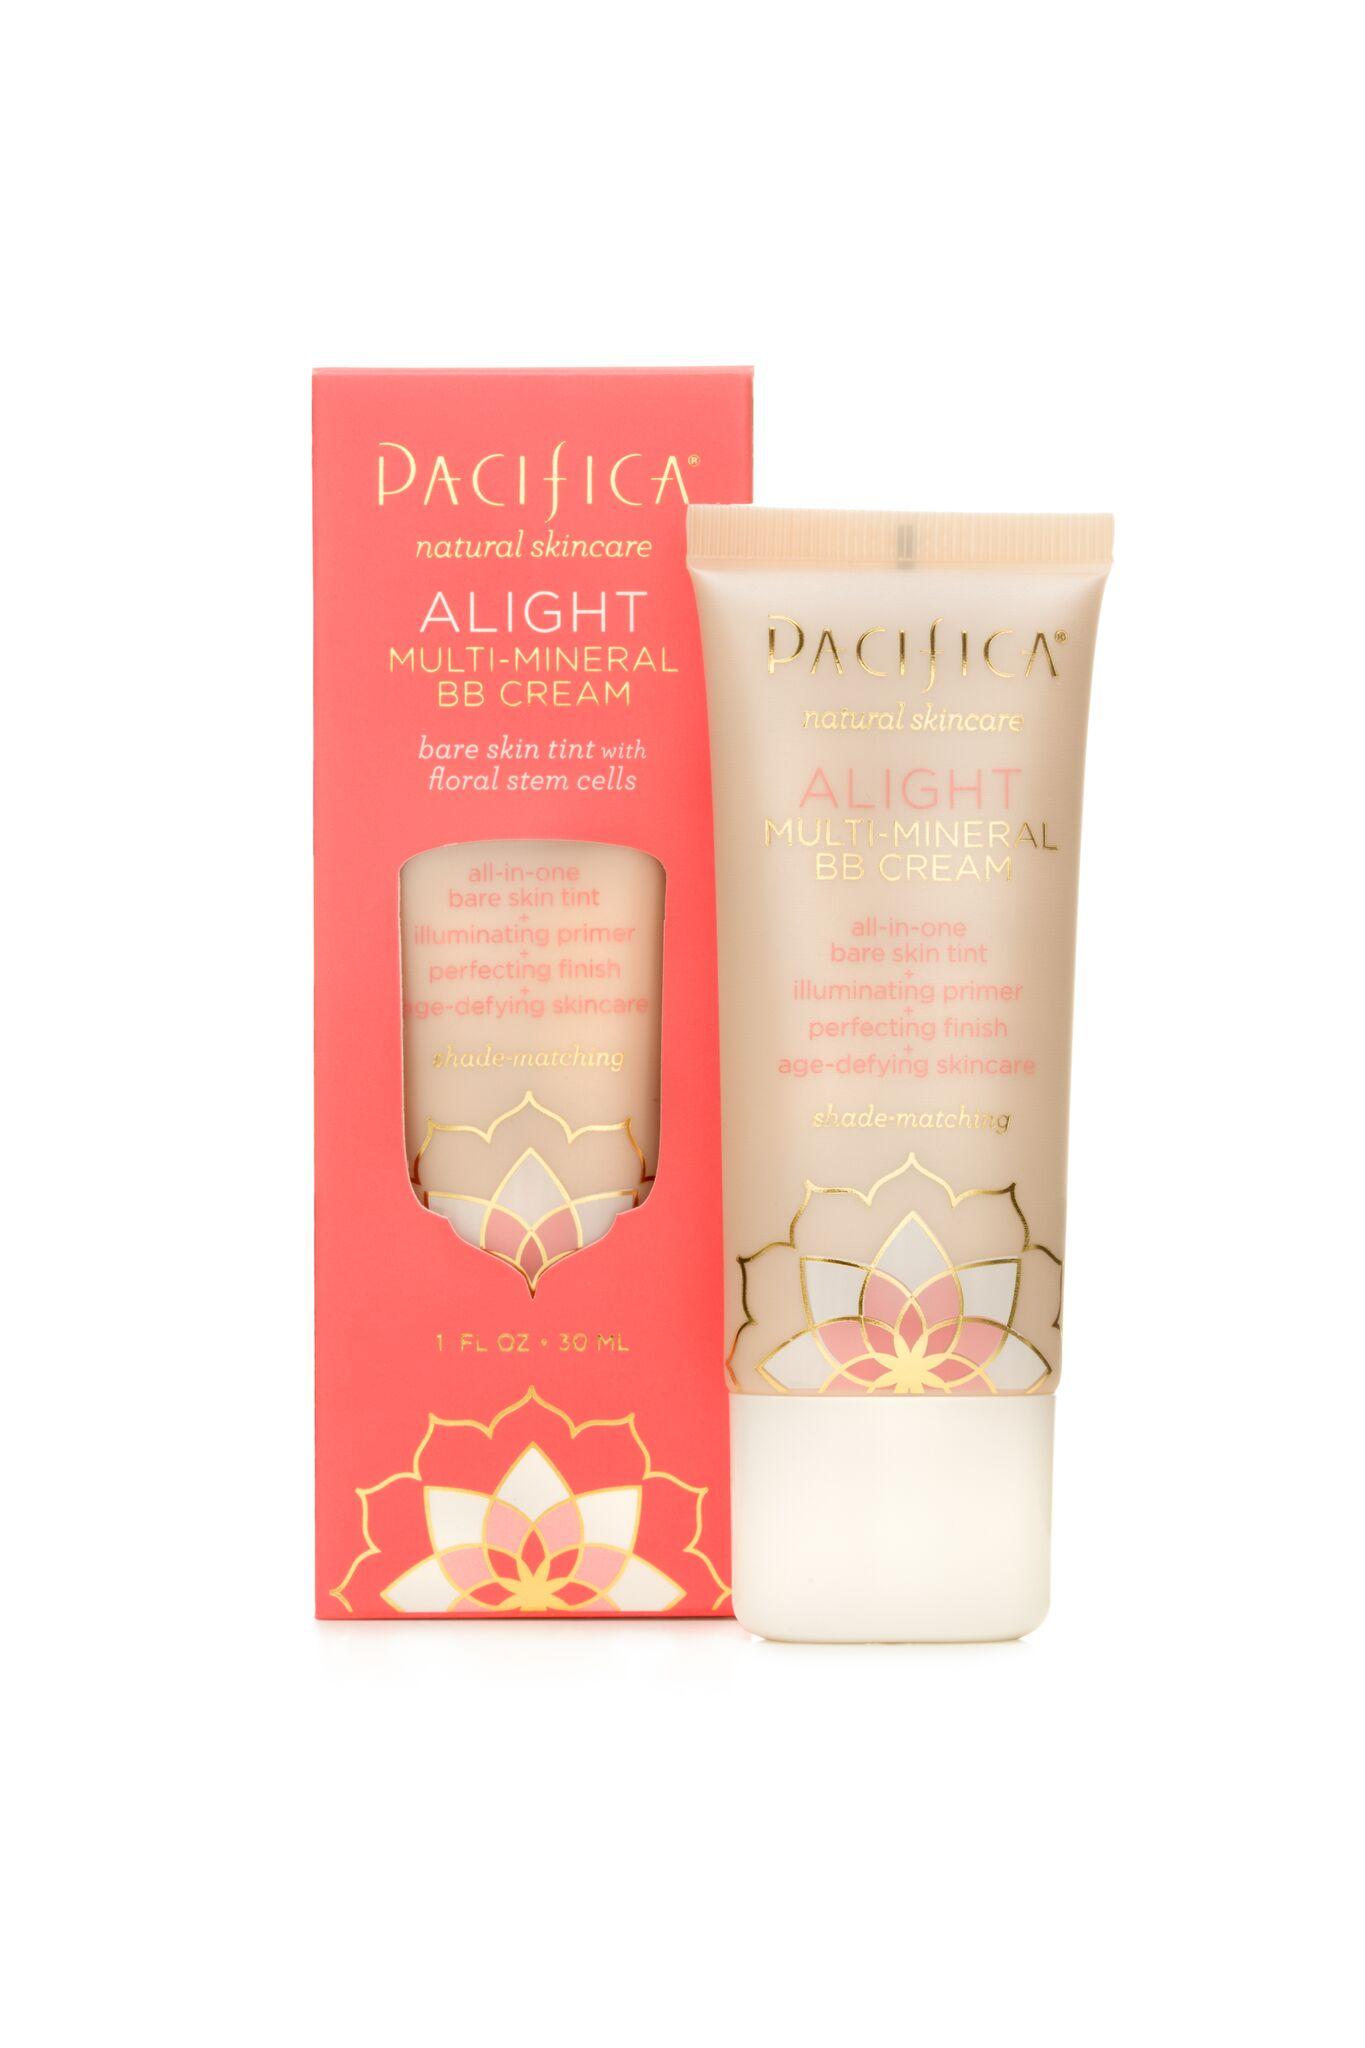 Alight Multi-Mineral BB Cream 30ml